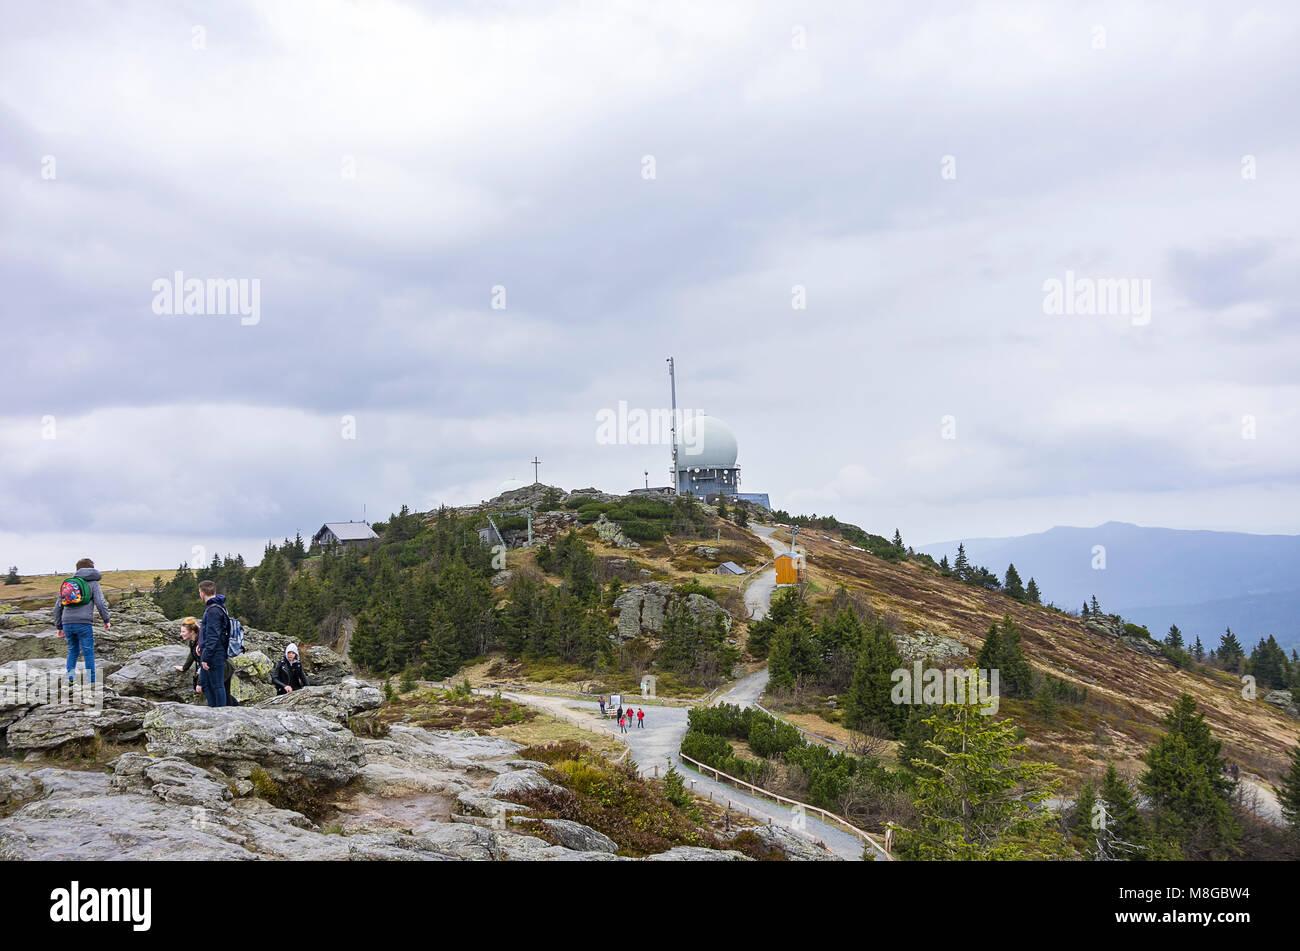 Impressionen vom Großen Arber (Großer Arber), Bayerischer Wald, Bayern, Deutschland. Stockbild